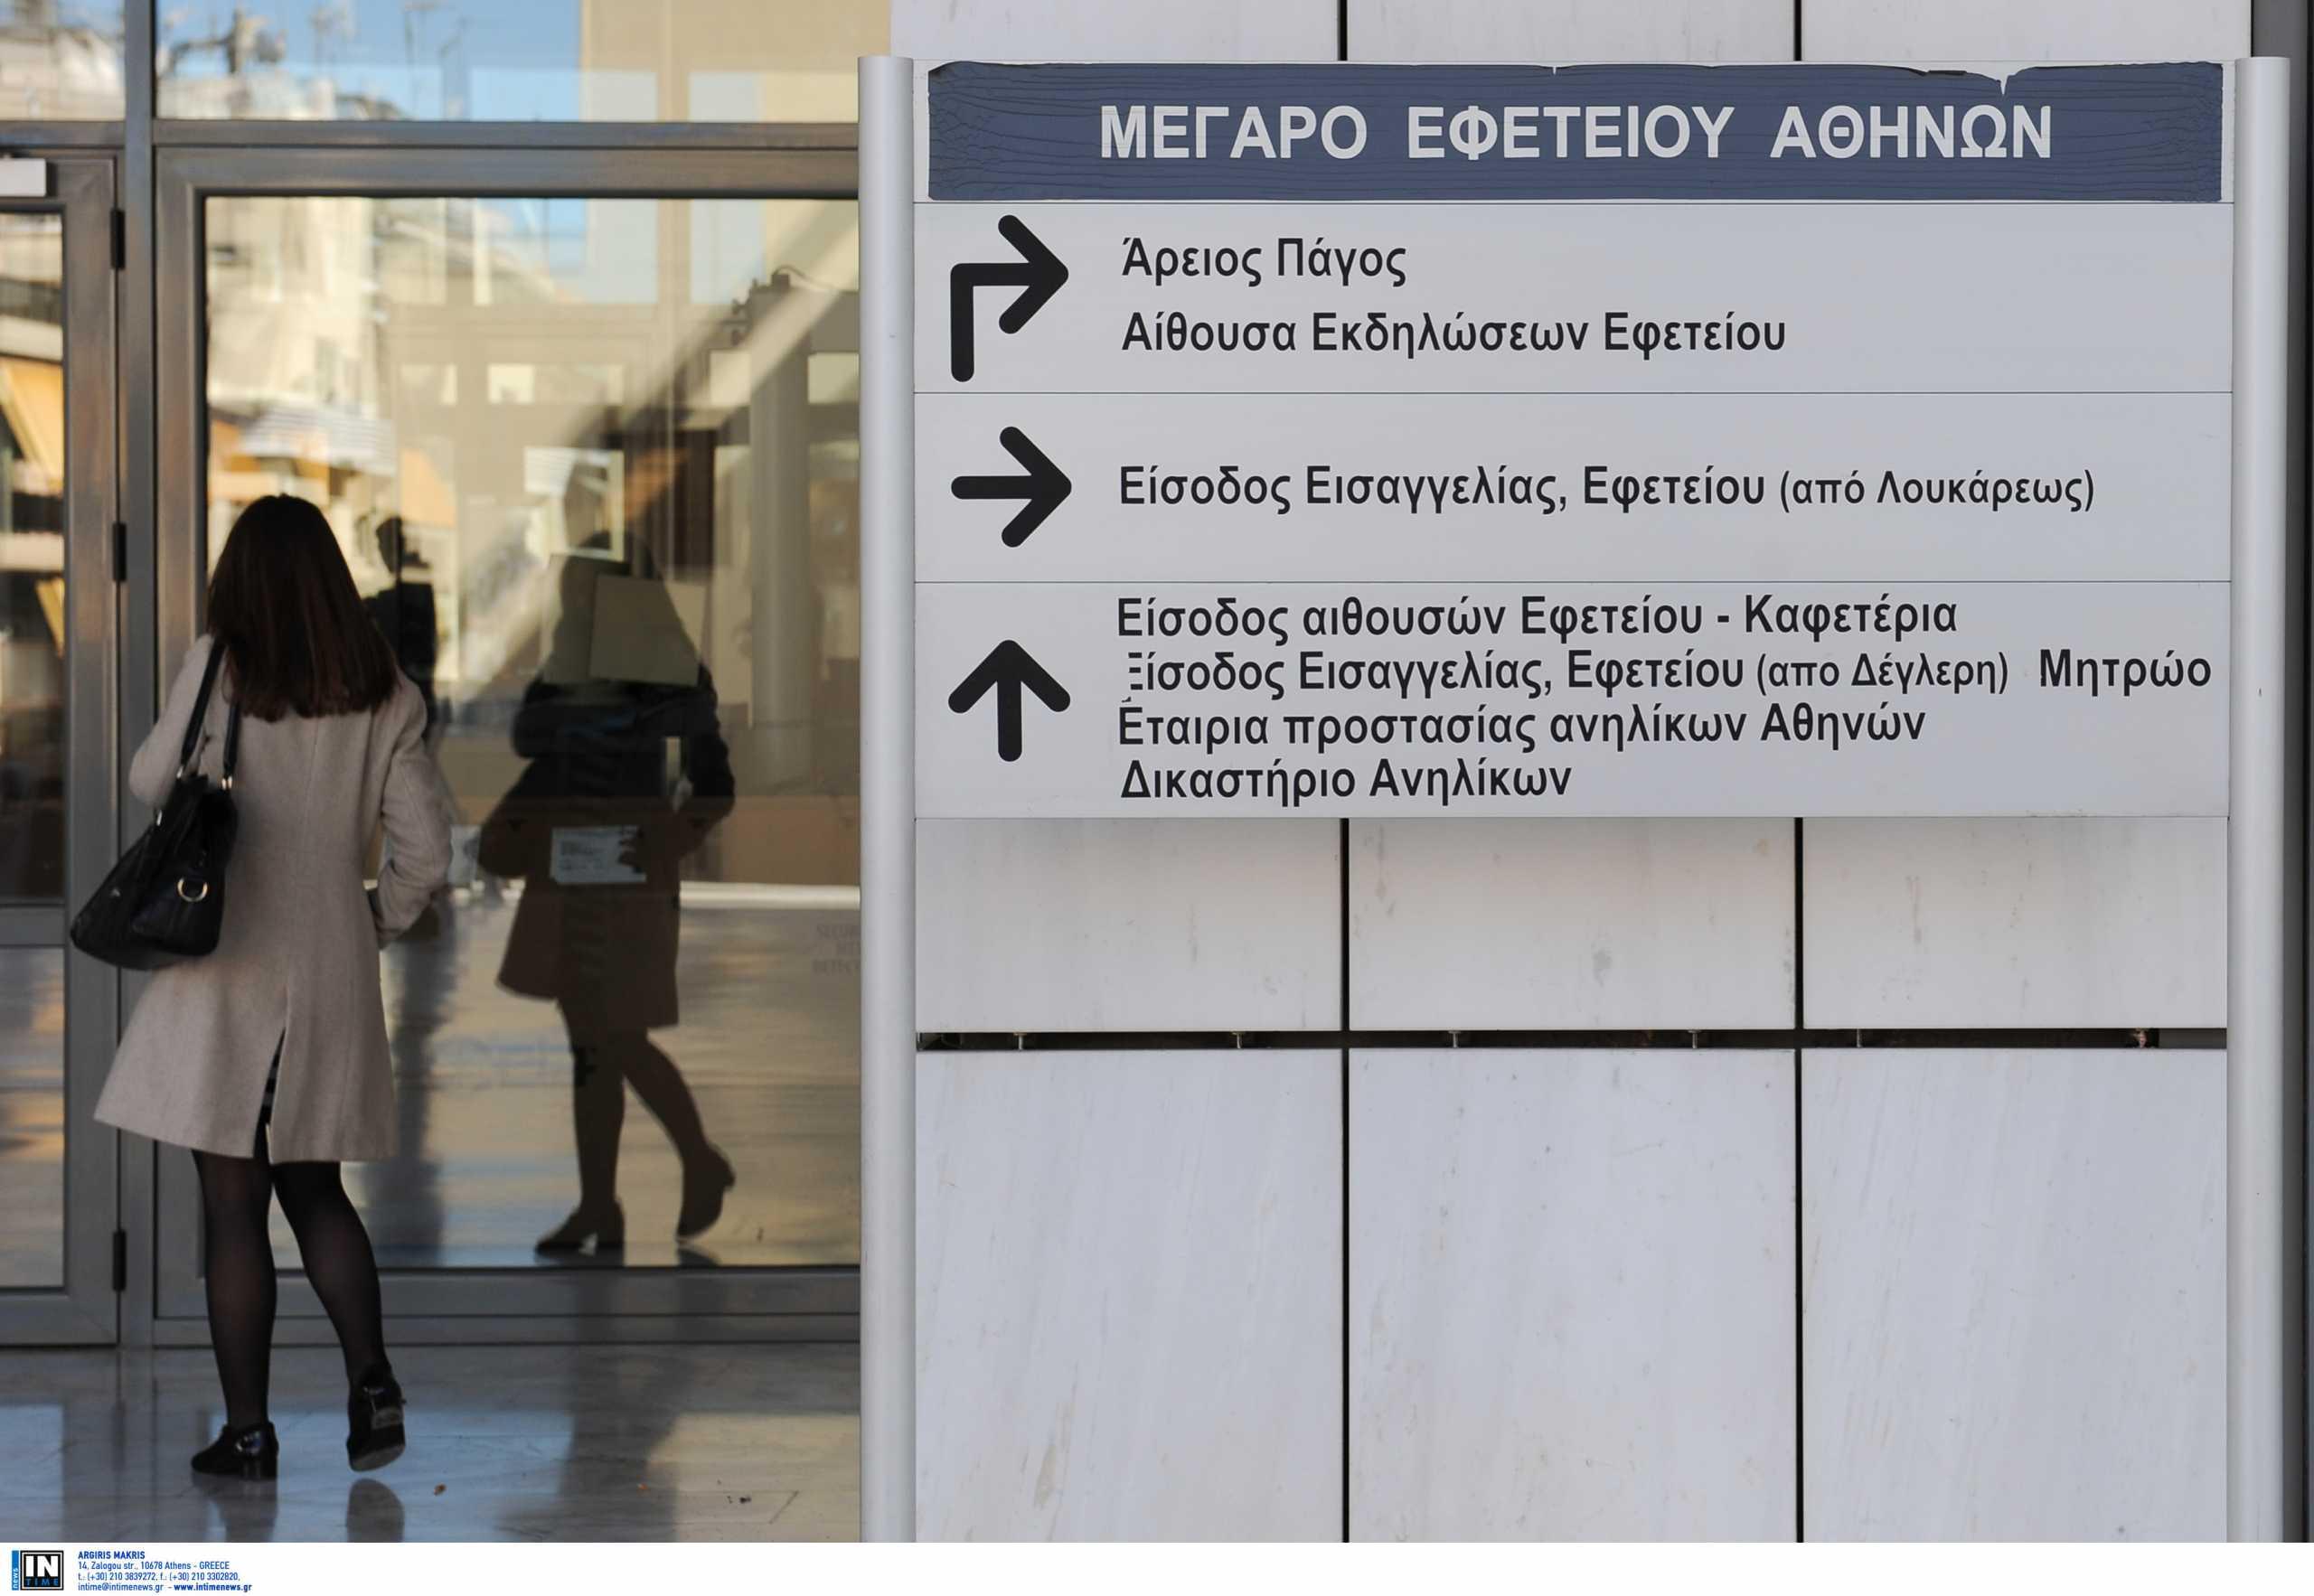 Αυτοί είναι οι επτά Έλληνες Ευρωπαίοι Εντεταλμένοι Εισαγγελείς